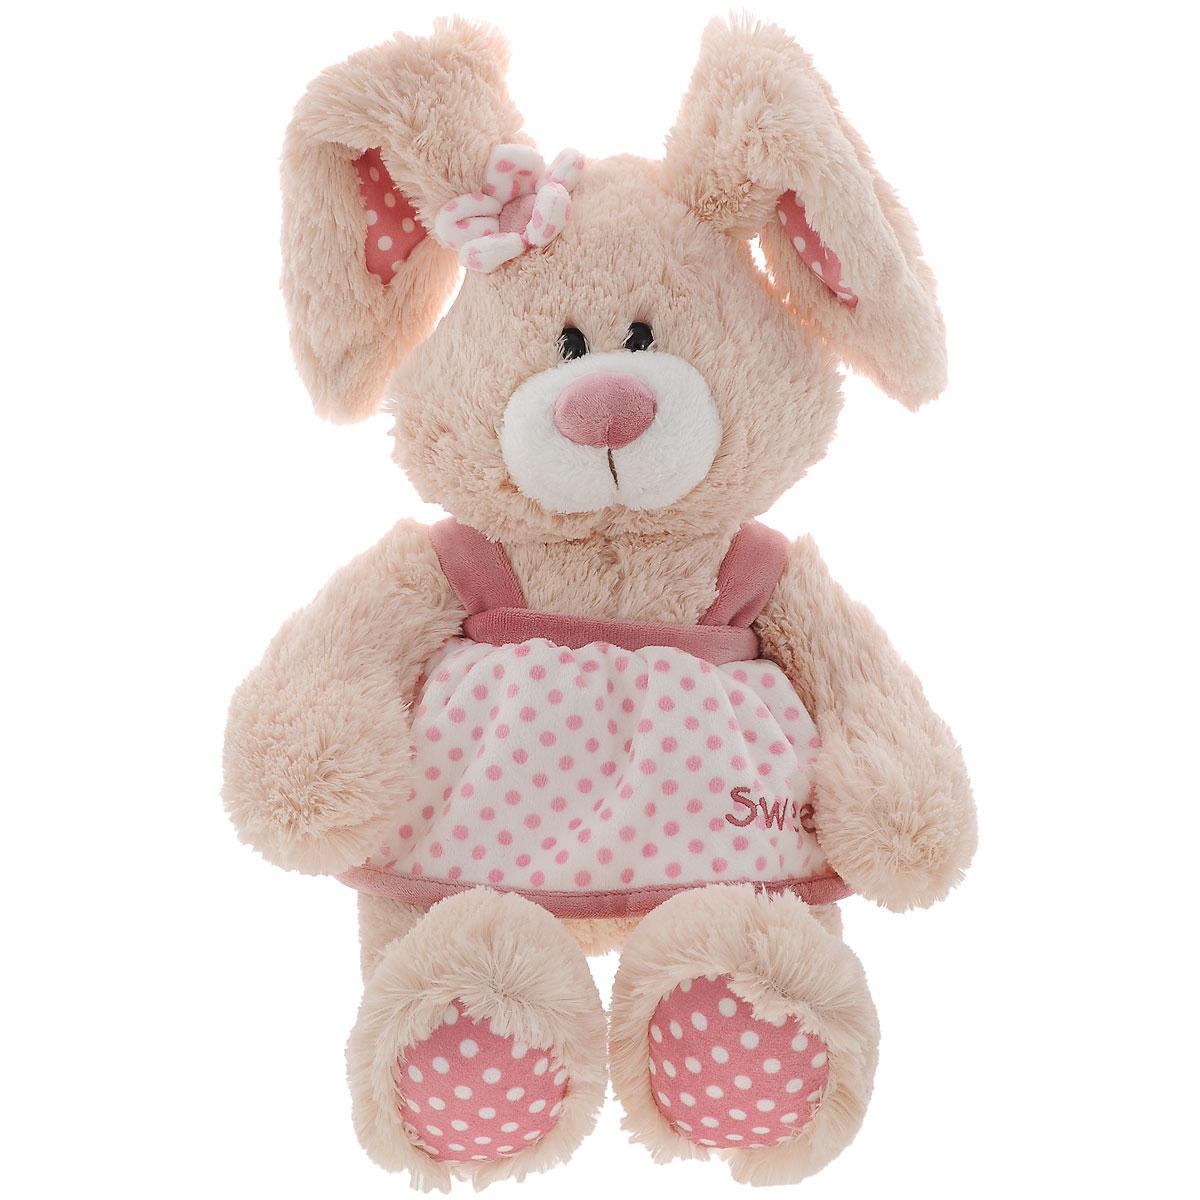 Мягкая игрушка Plush Apple Заяц в платье, 40 смK33169AОчаровательная мягкая игрушка Plush Apple Заяц в платье привлечет внимание любого ребенка. Изделие изготовлена из приятных на ощупь и очень мягких материалов, безвредных для малыша. Игрушка выполнена в виде милого зайца в бело-розовом платье с цветочком на голове и пластиковыми глазками. Удивительно мягкая игрушка принесет радость и подарит своему обладателю мгновения нежных объятий и приятных воспоминаний.